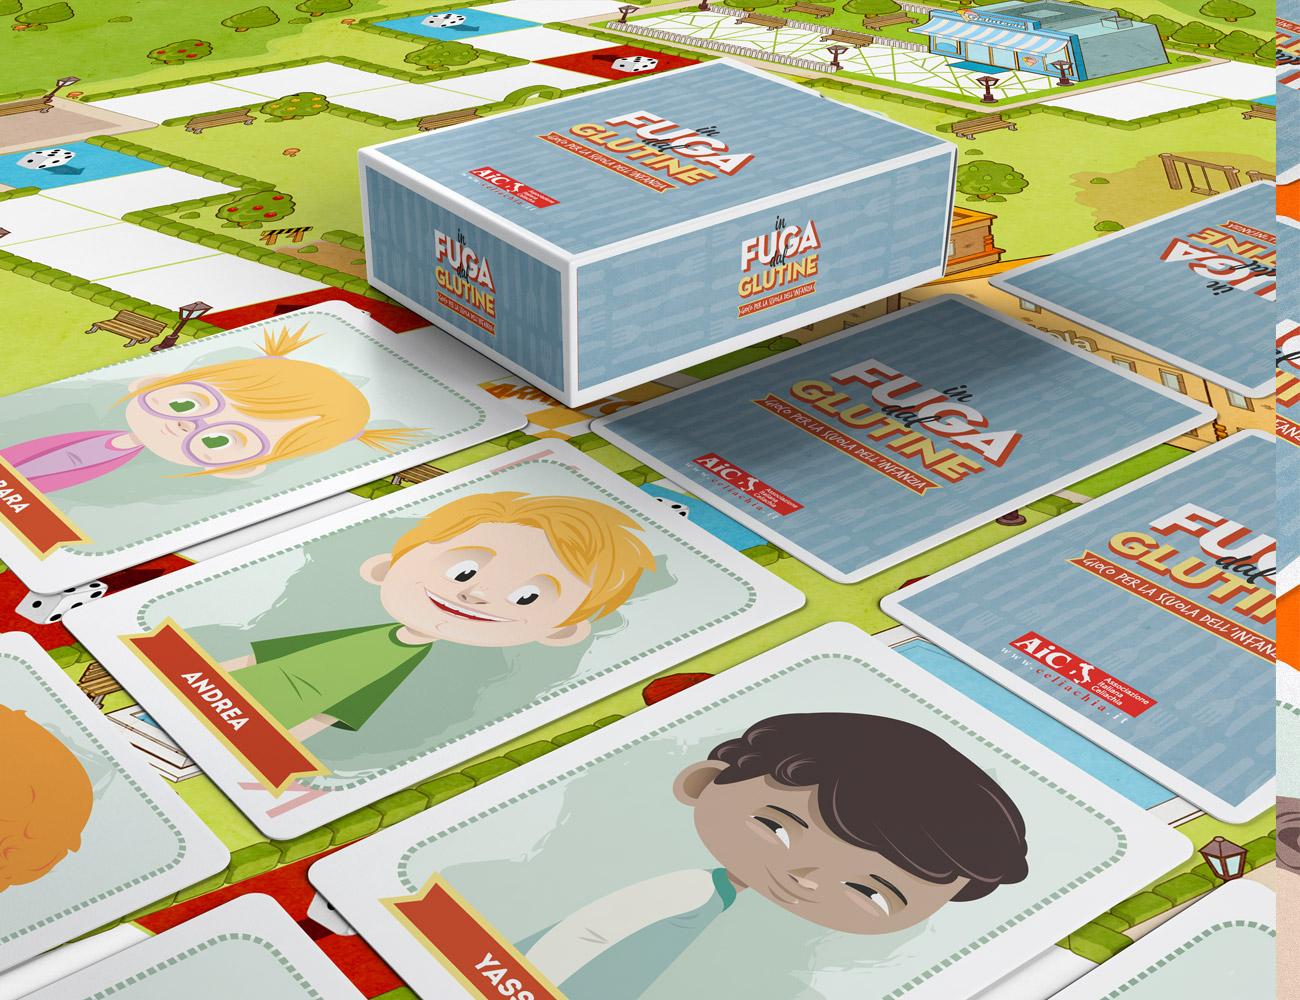 aic-celiachia-gioco-carte-in-fuga-dal-glutine-simone-roveda-libri-bambini-intolleranze-alimentari